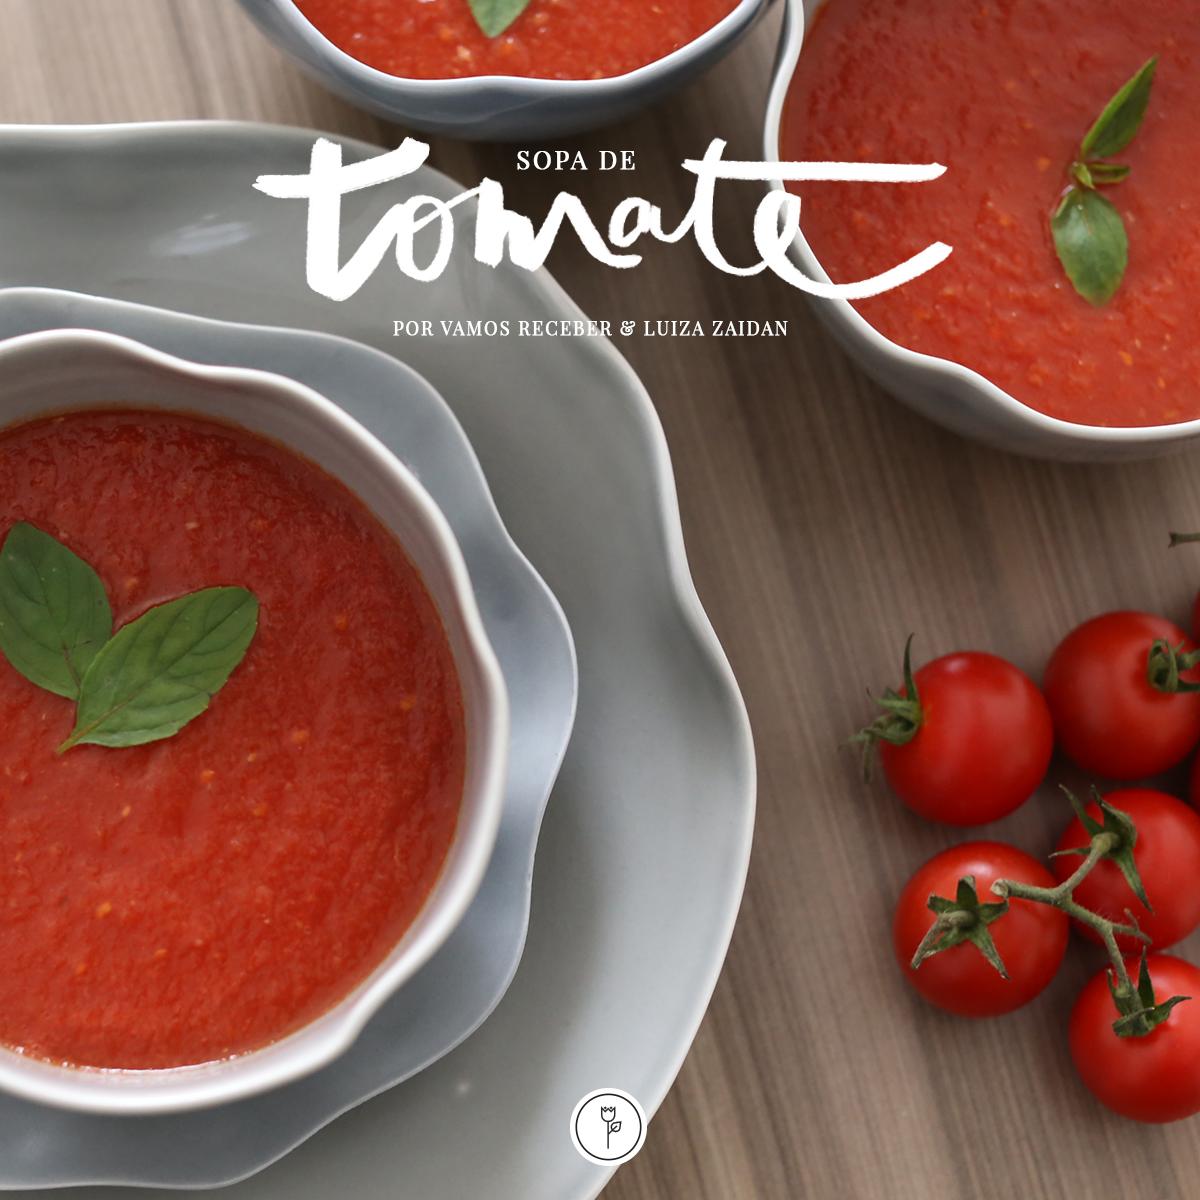 sopa de tomate insta